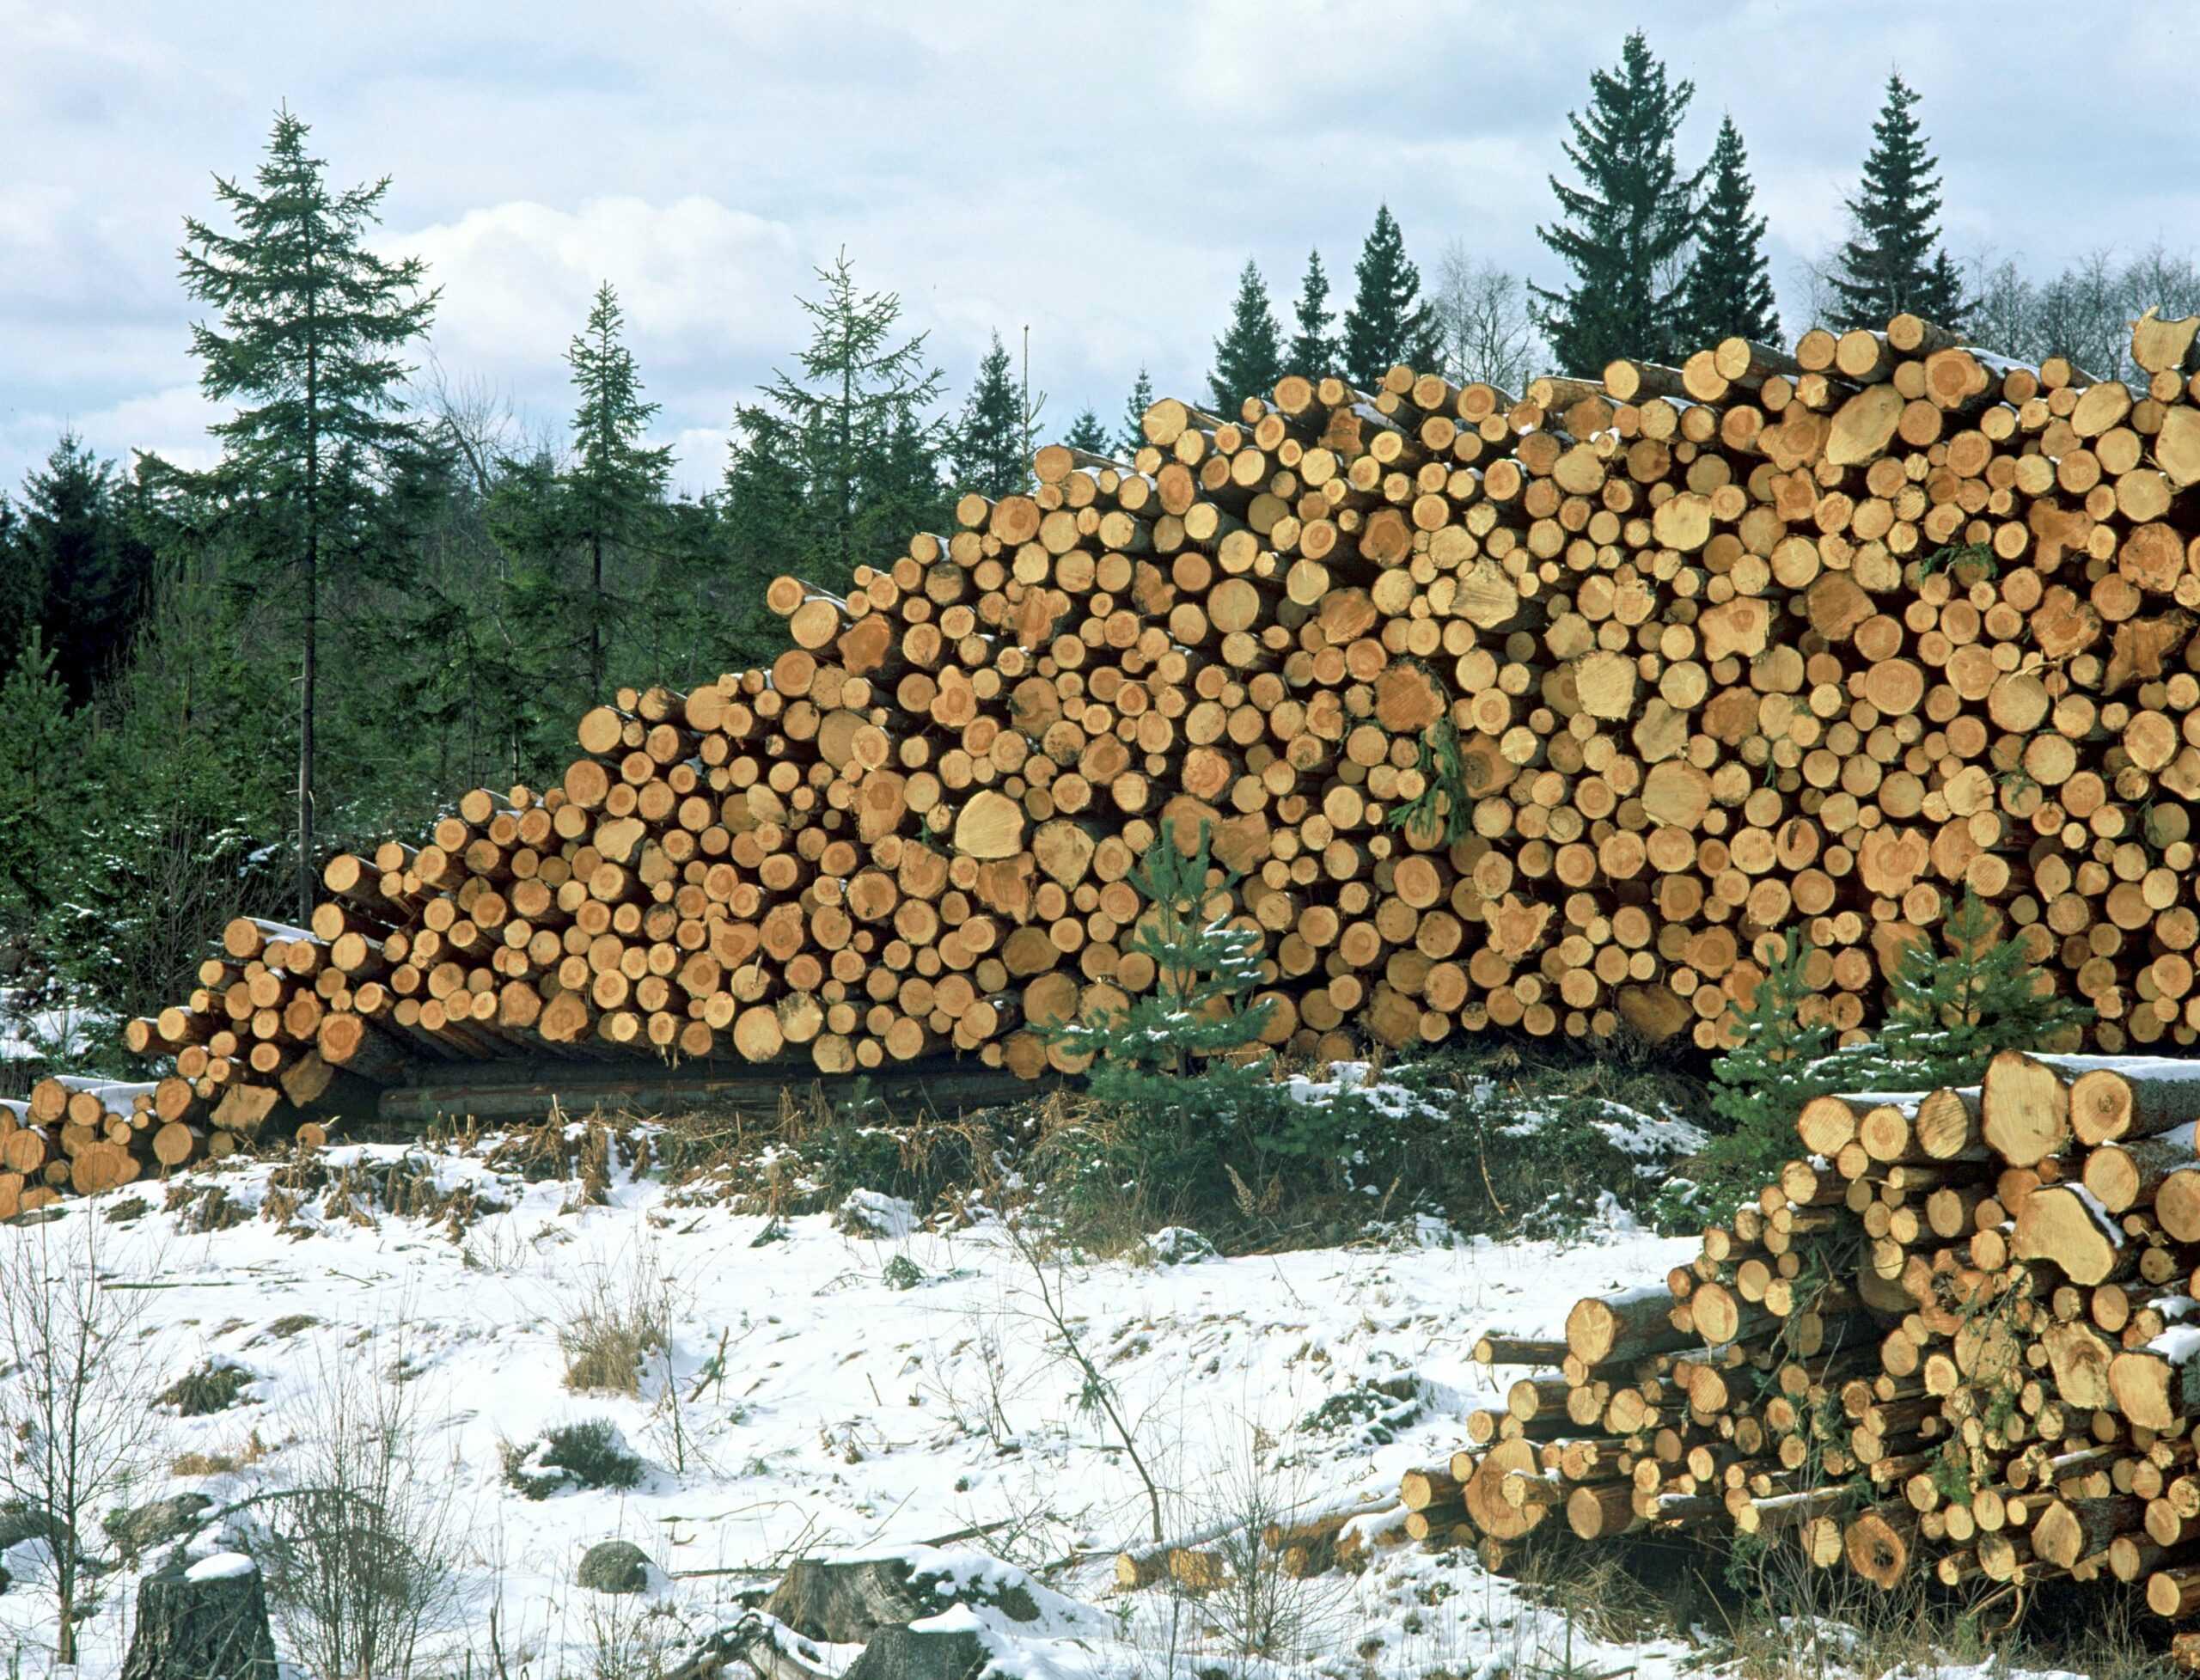 88 åtgärder ska öka tillväxten i skogen med 20 procent 1